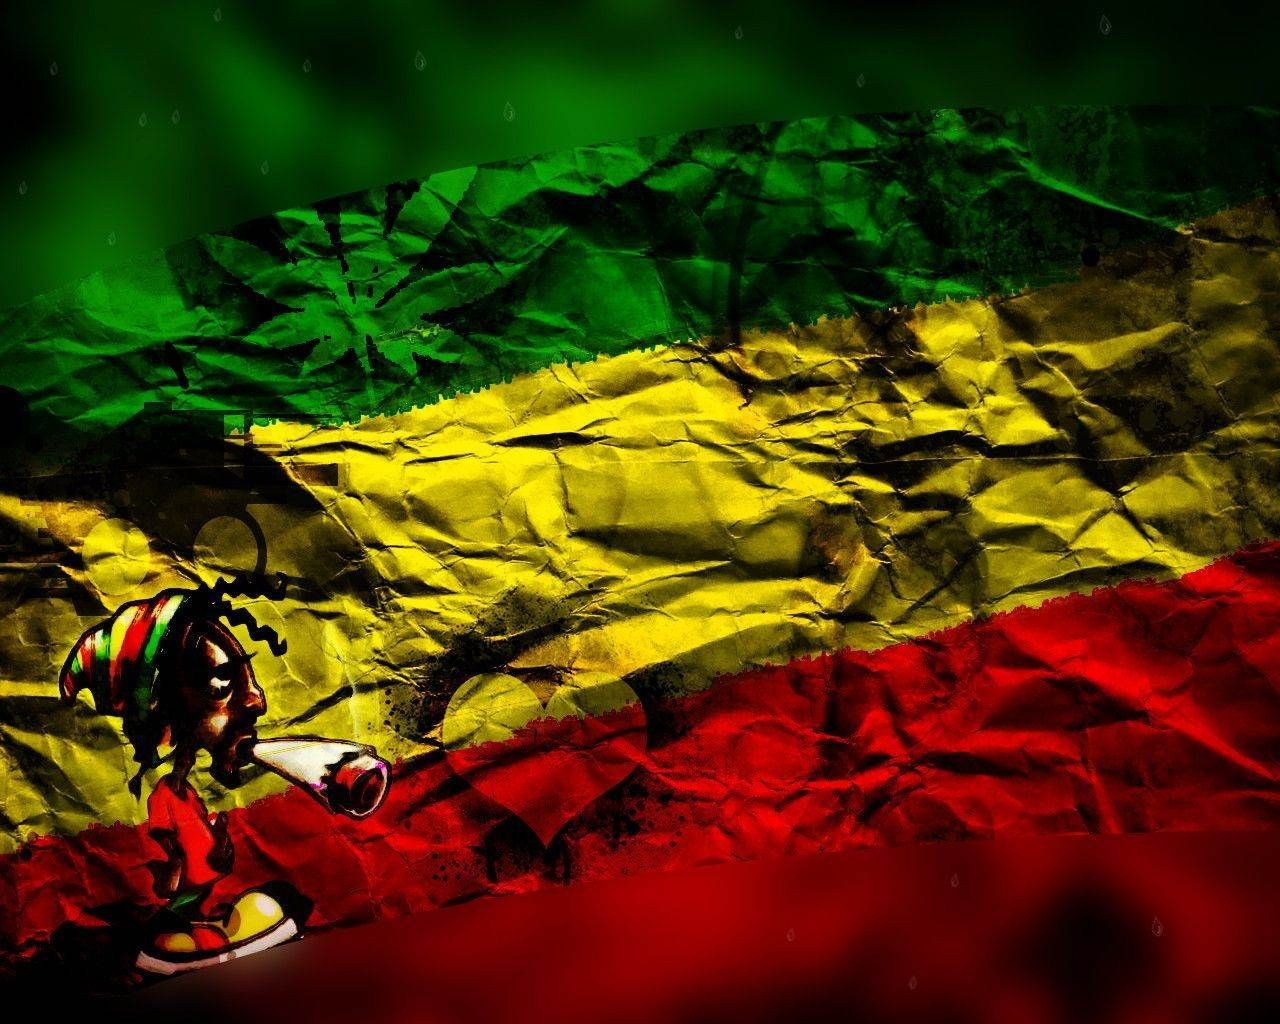 Reggae Background Wallpapers Hd Wallpapers Inx 1280 1024 Reggae Wallpaper Adorable Wallpapers Reggae Art Rasta Art Wallpaper Keren